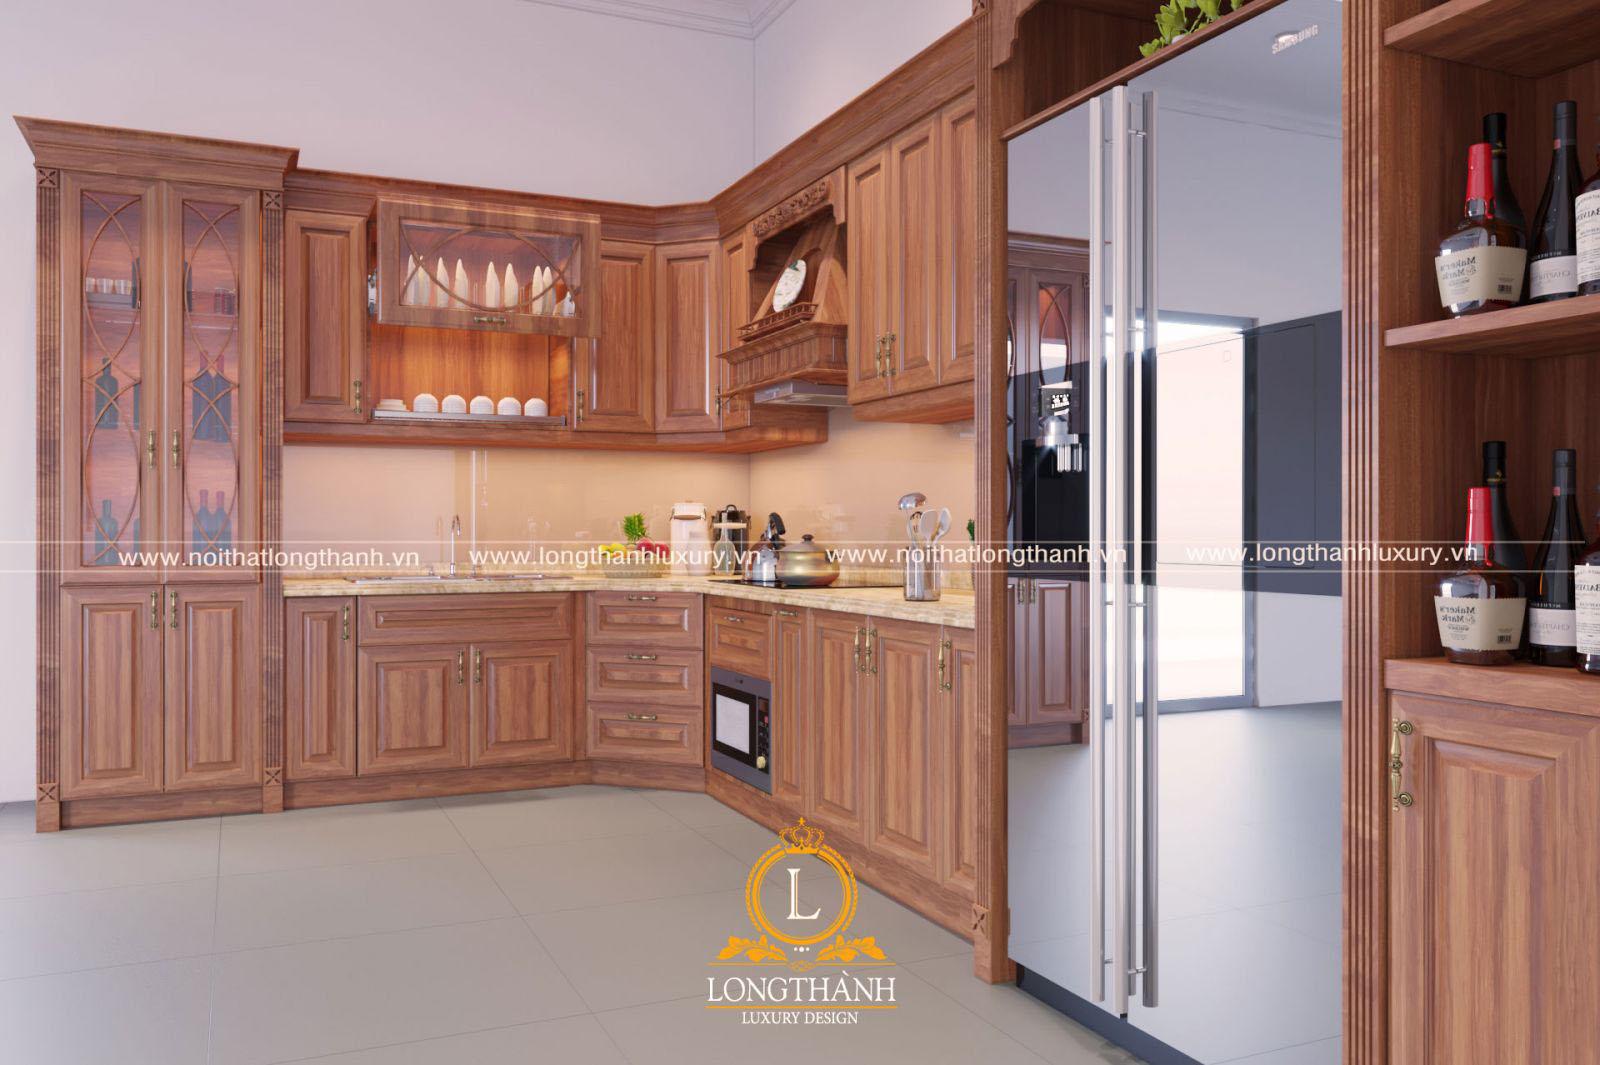 Tủ bếp gỗ Gõ đỏ thiết kế hiện đại tiện nghi sang trọng